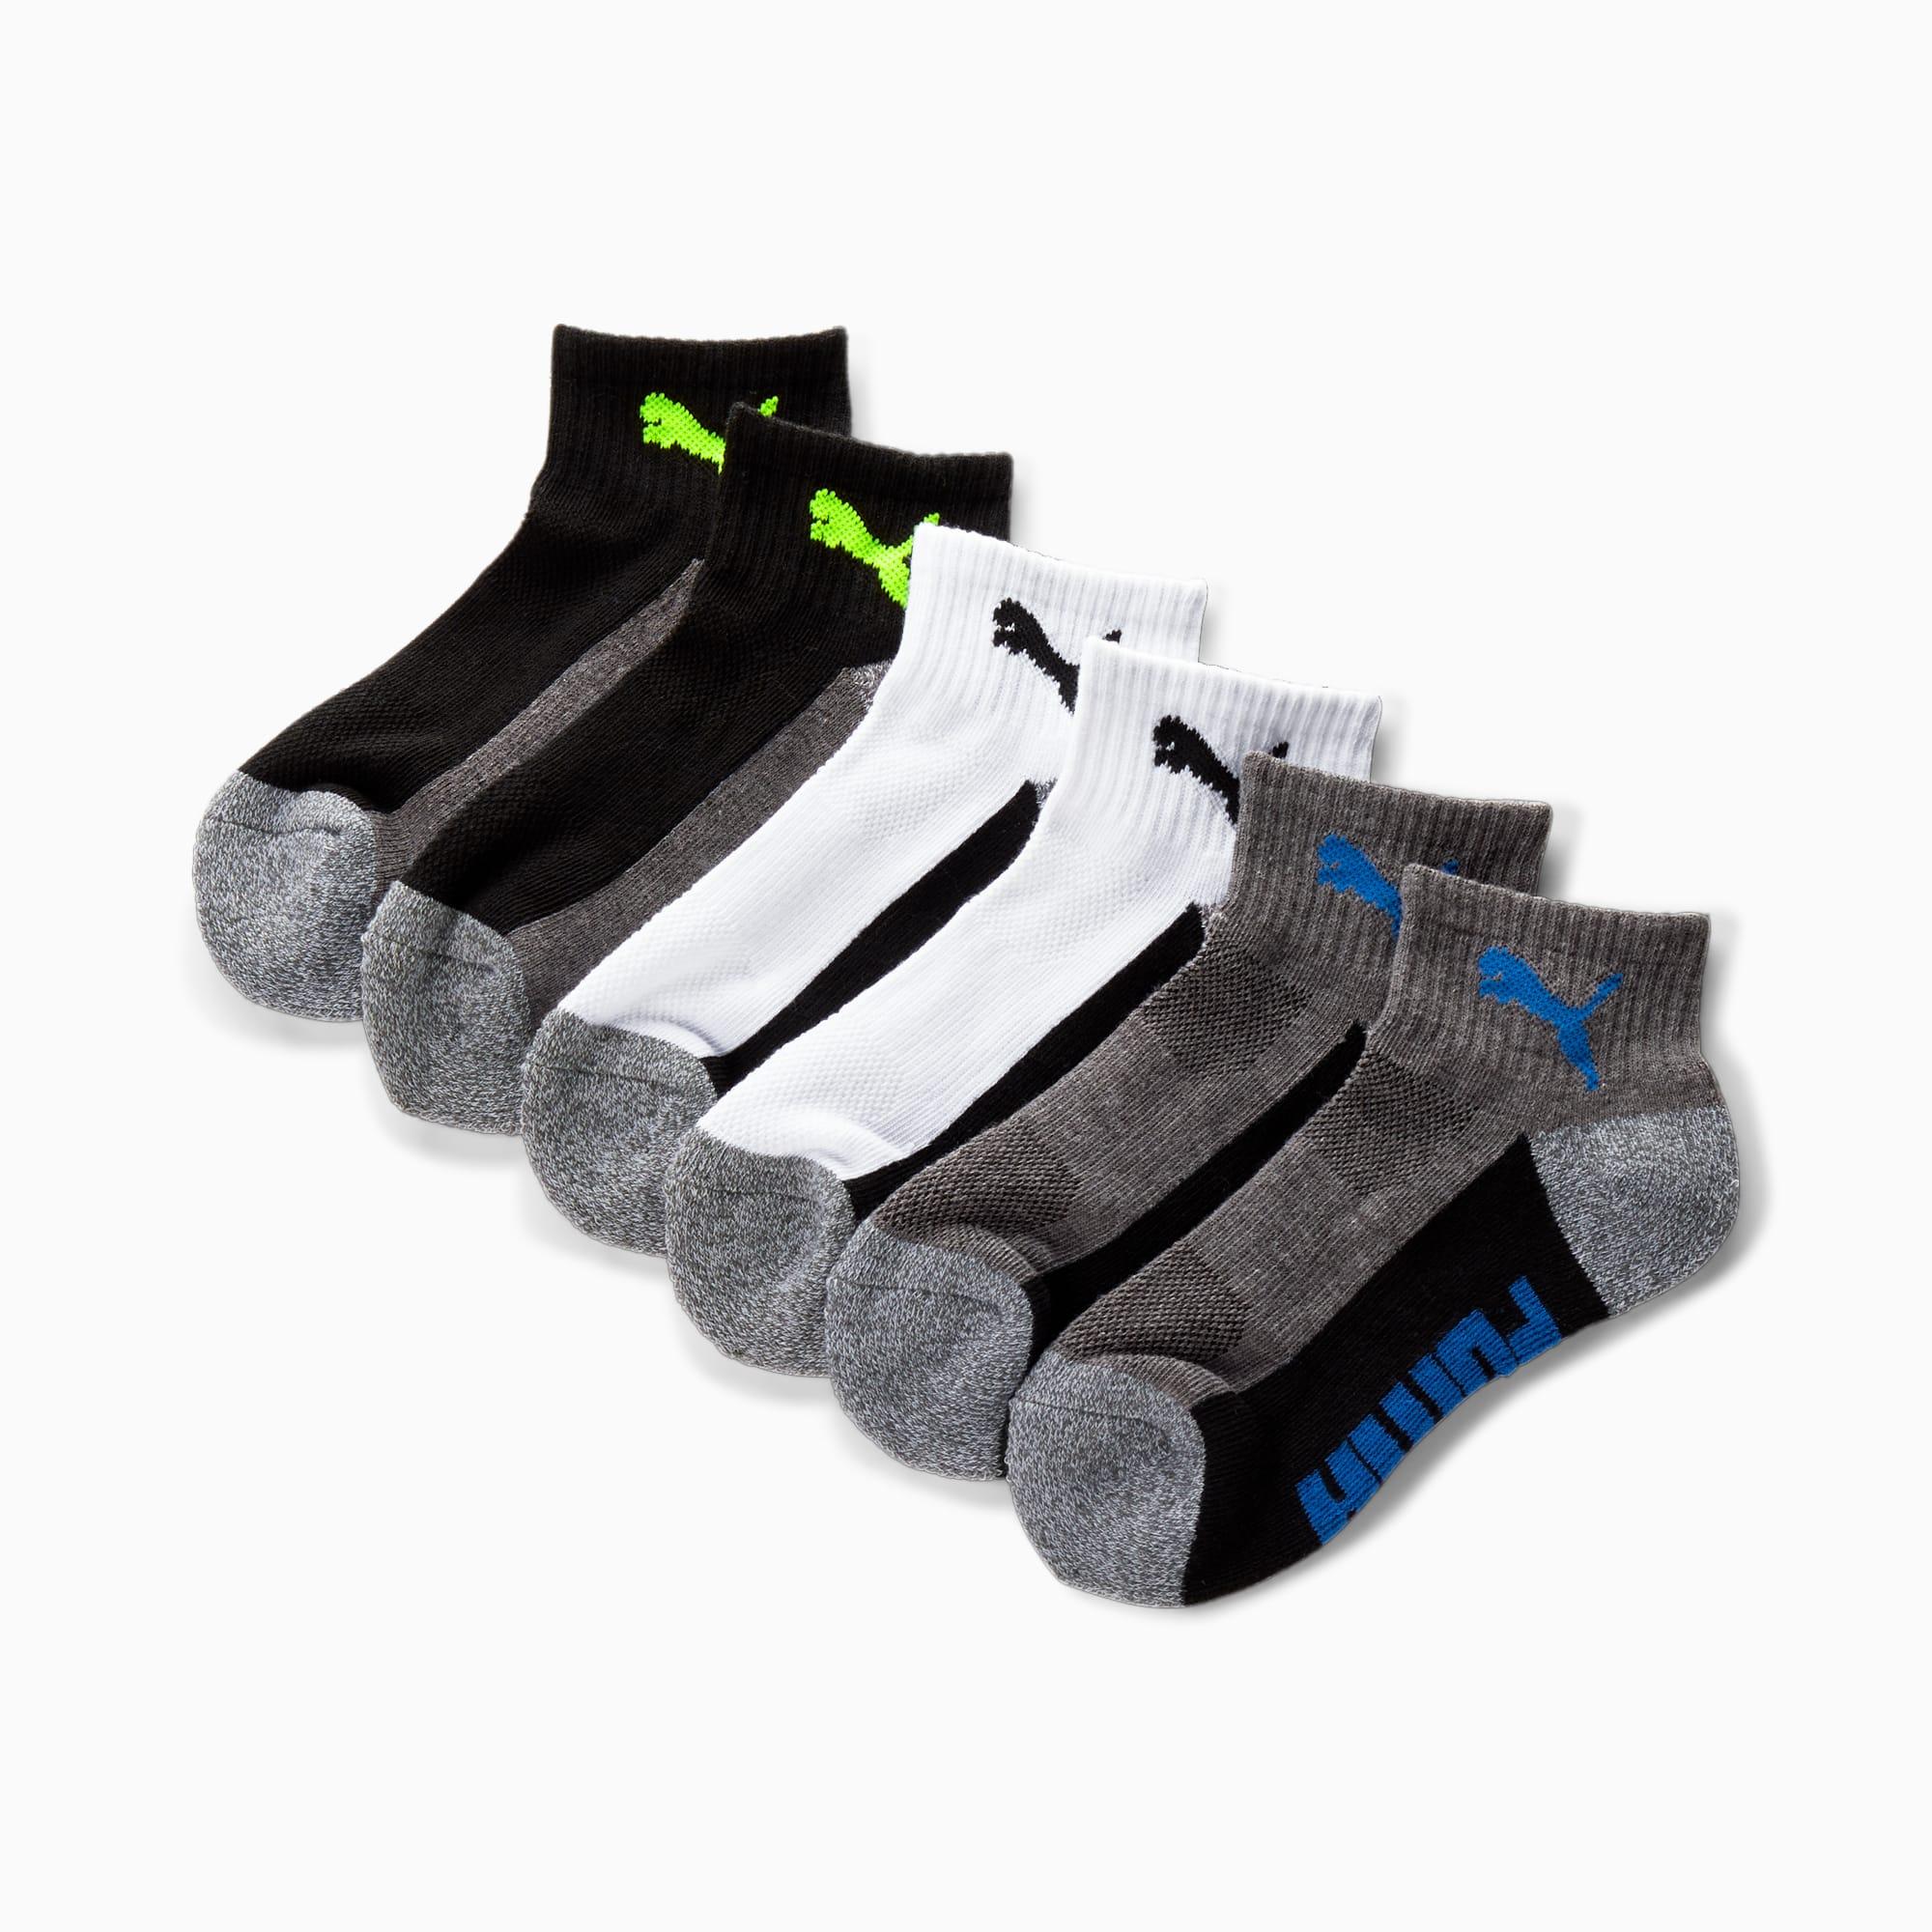 Boys' Quarter Crew Socks [6 Pack]